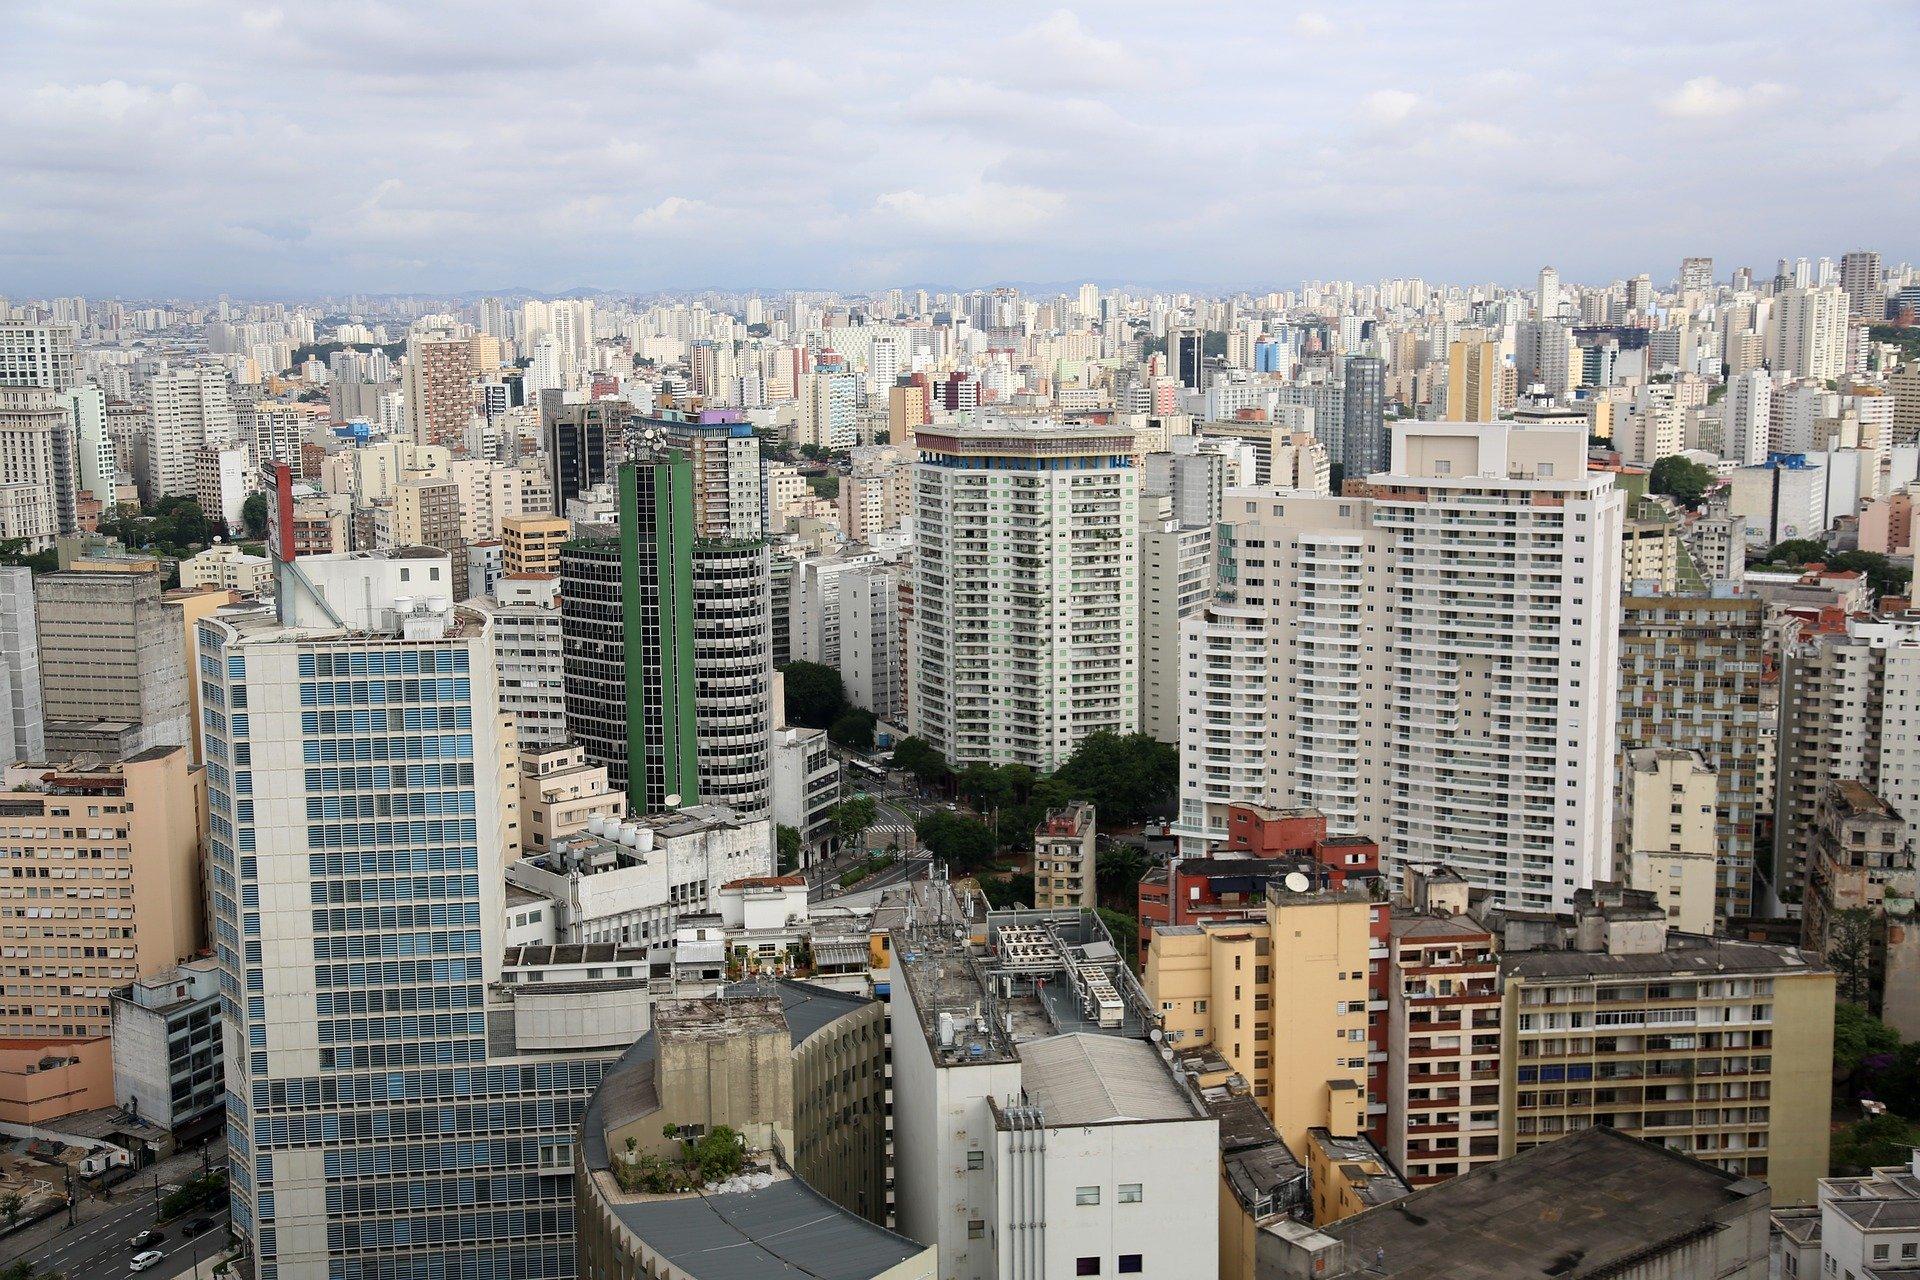 1% dos donos de imóveis concentra 45% do valor imobiliário de São Paulo: o que isso significa?